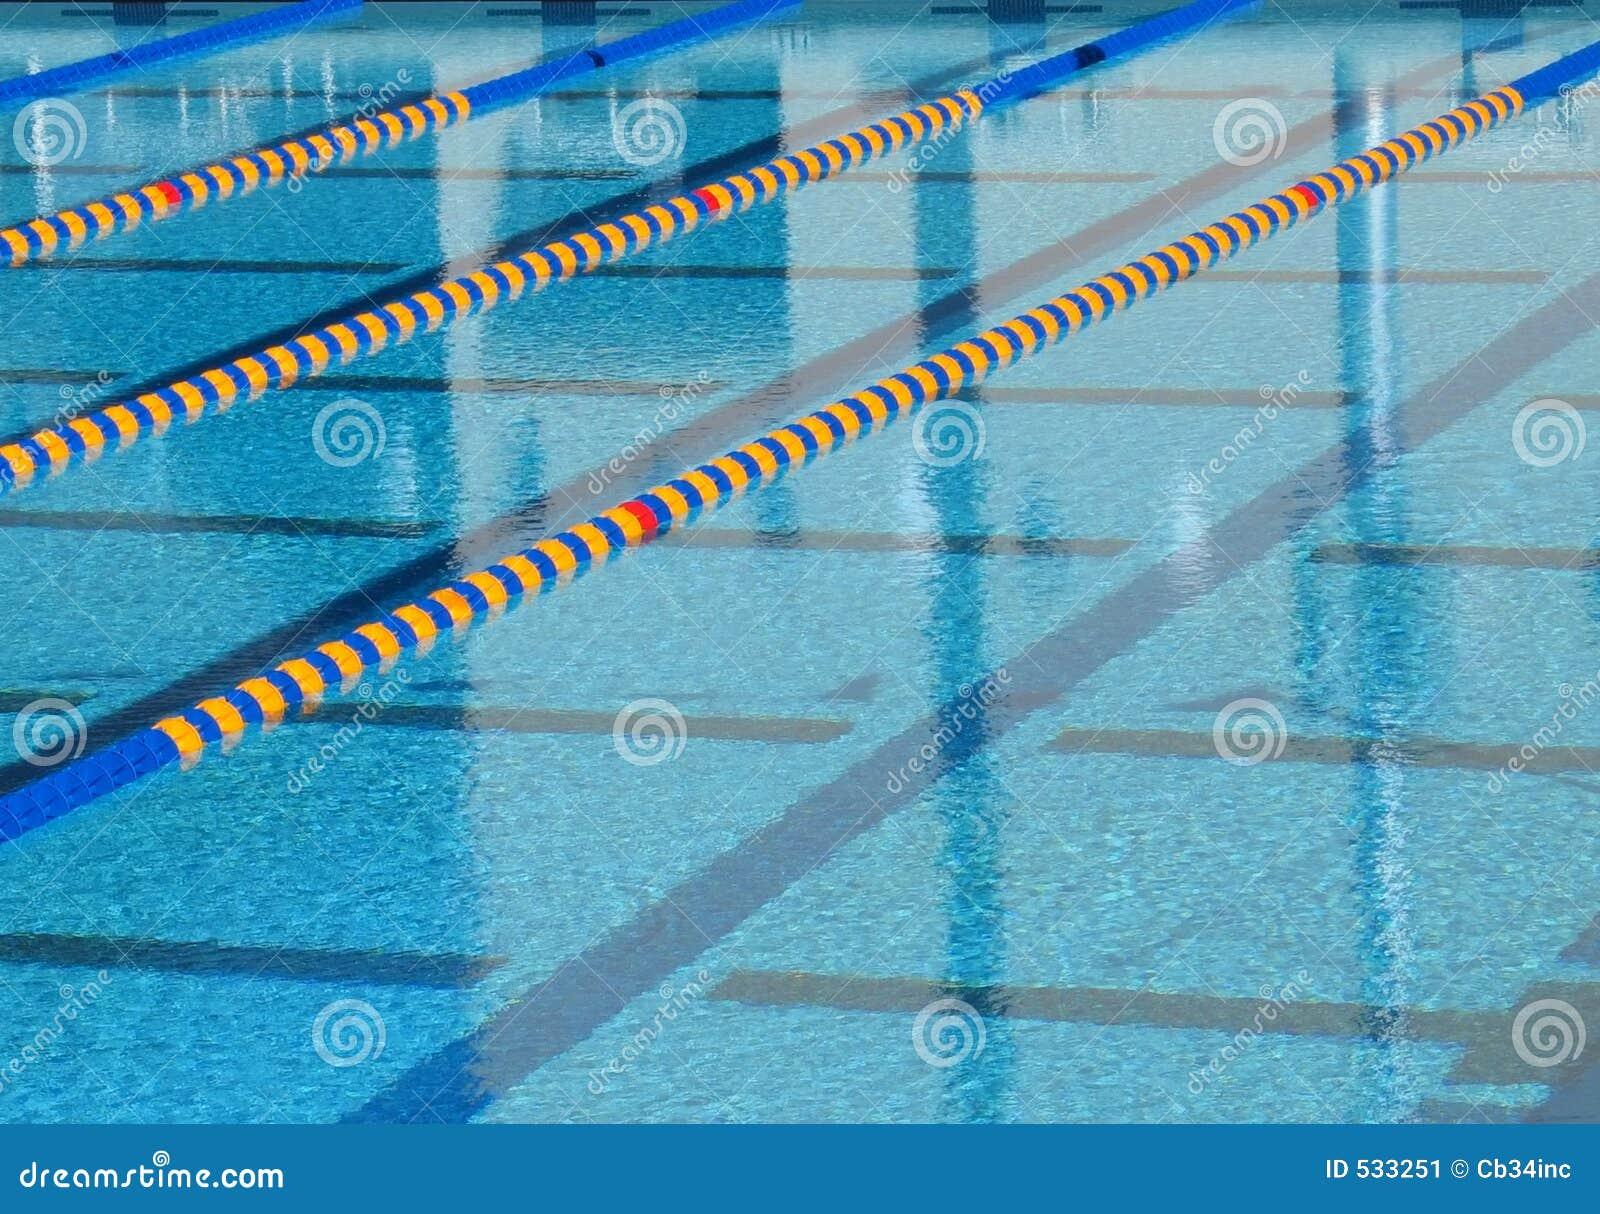 Download 池游泳 库存图片. 图片 包括有 护拦, 游泳者, 深深, 游泳, 波纹, 奥林匹克, 塑料, 运动, 竞争 - 533251